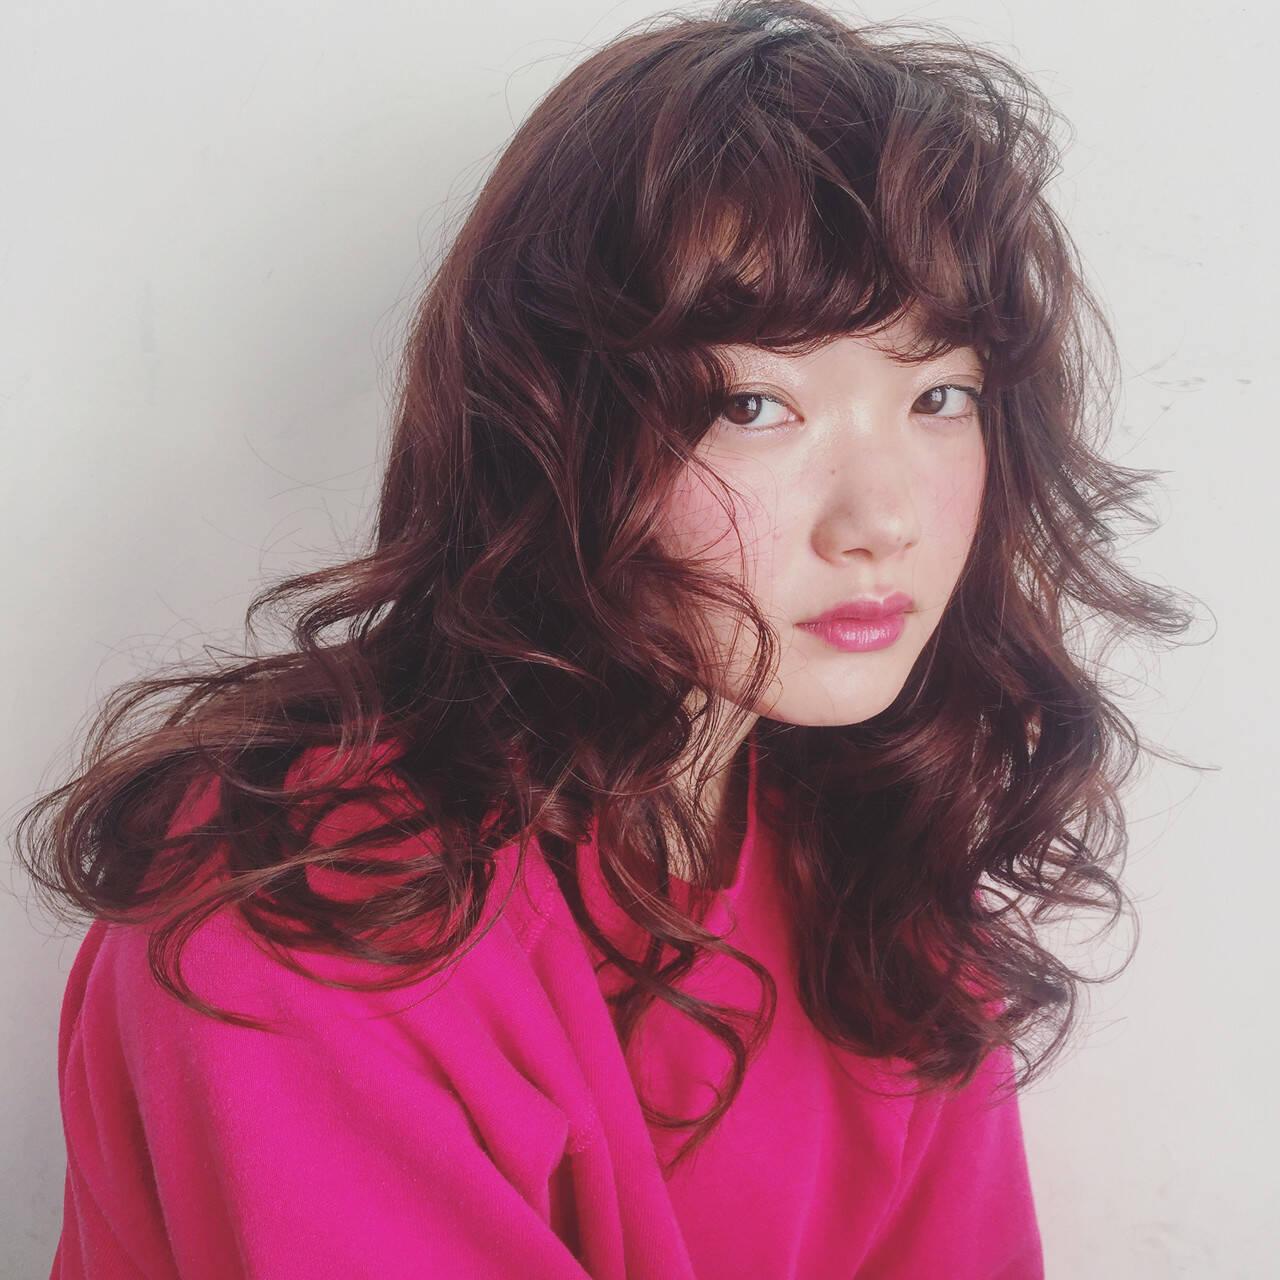 パーマ ガーリー ゆるふわパーマ 前髪パーマヘアスタイルや髪型の写真・画像